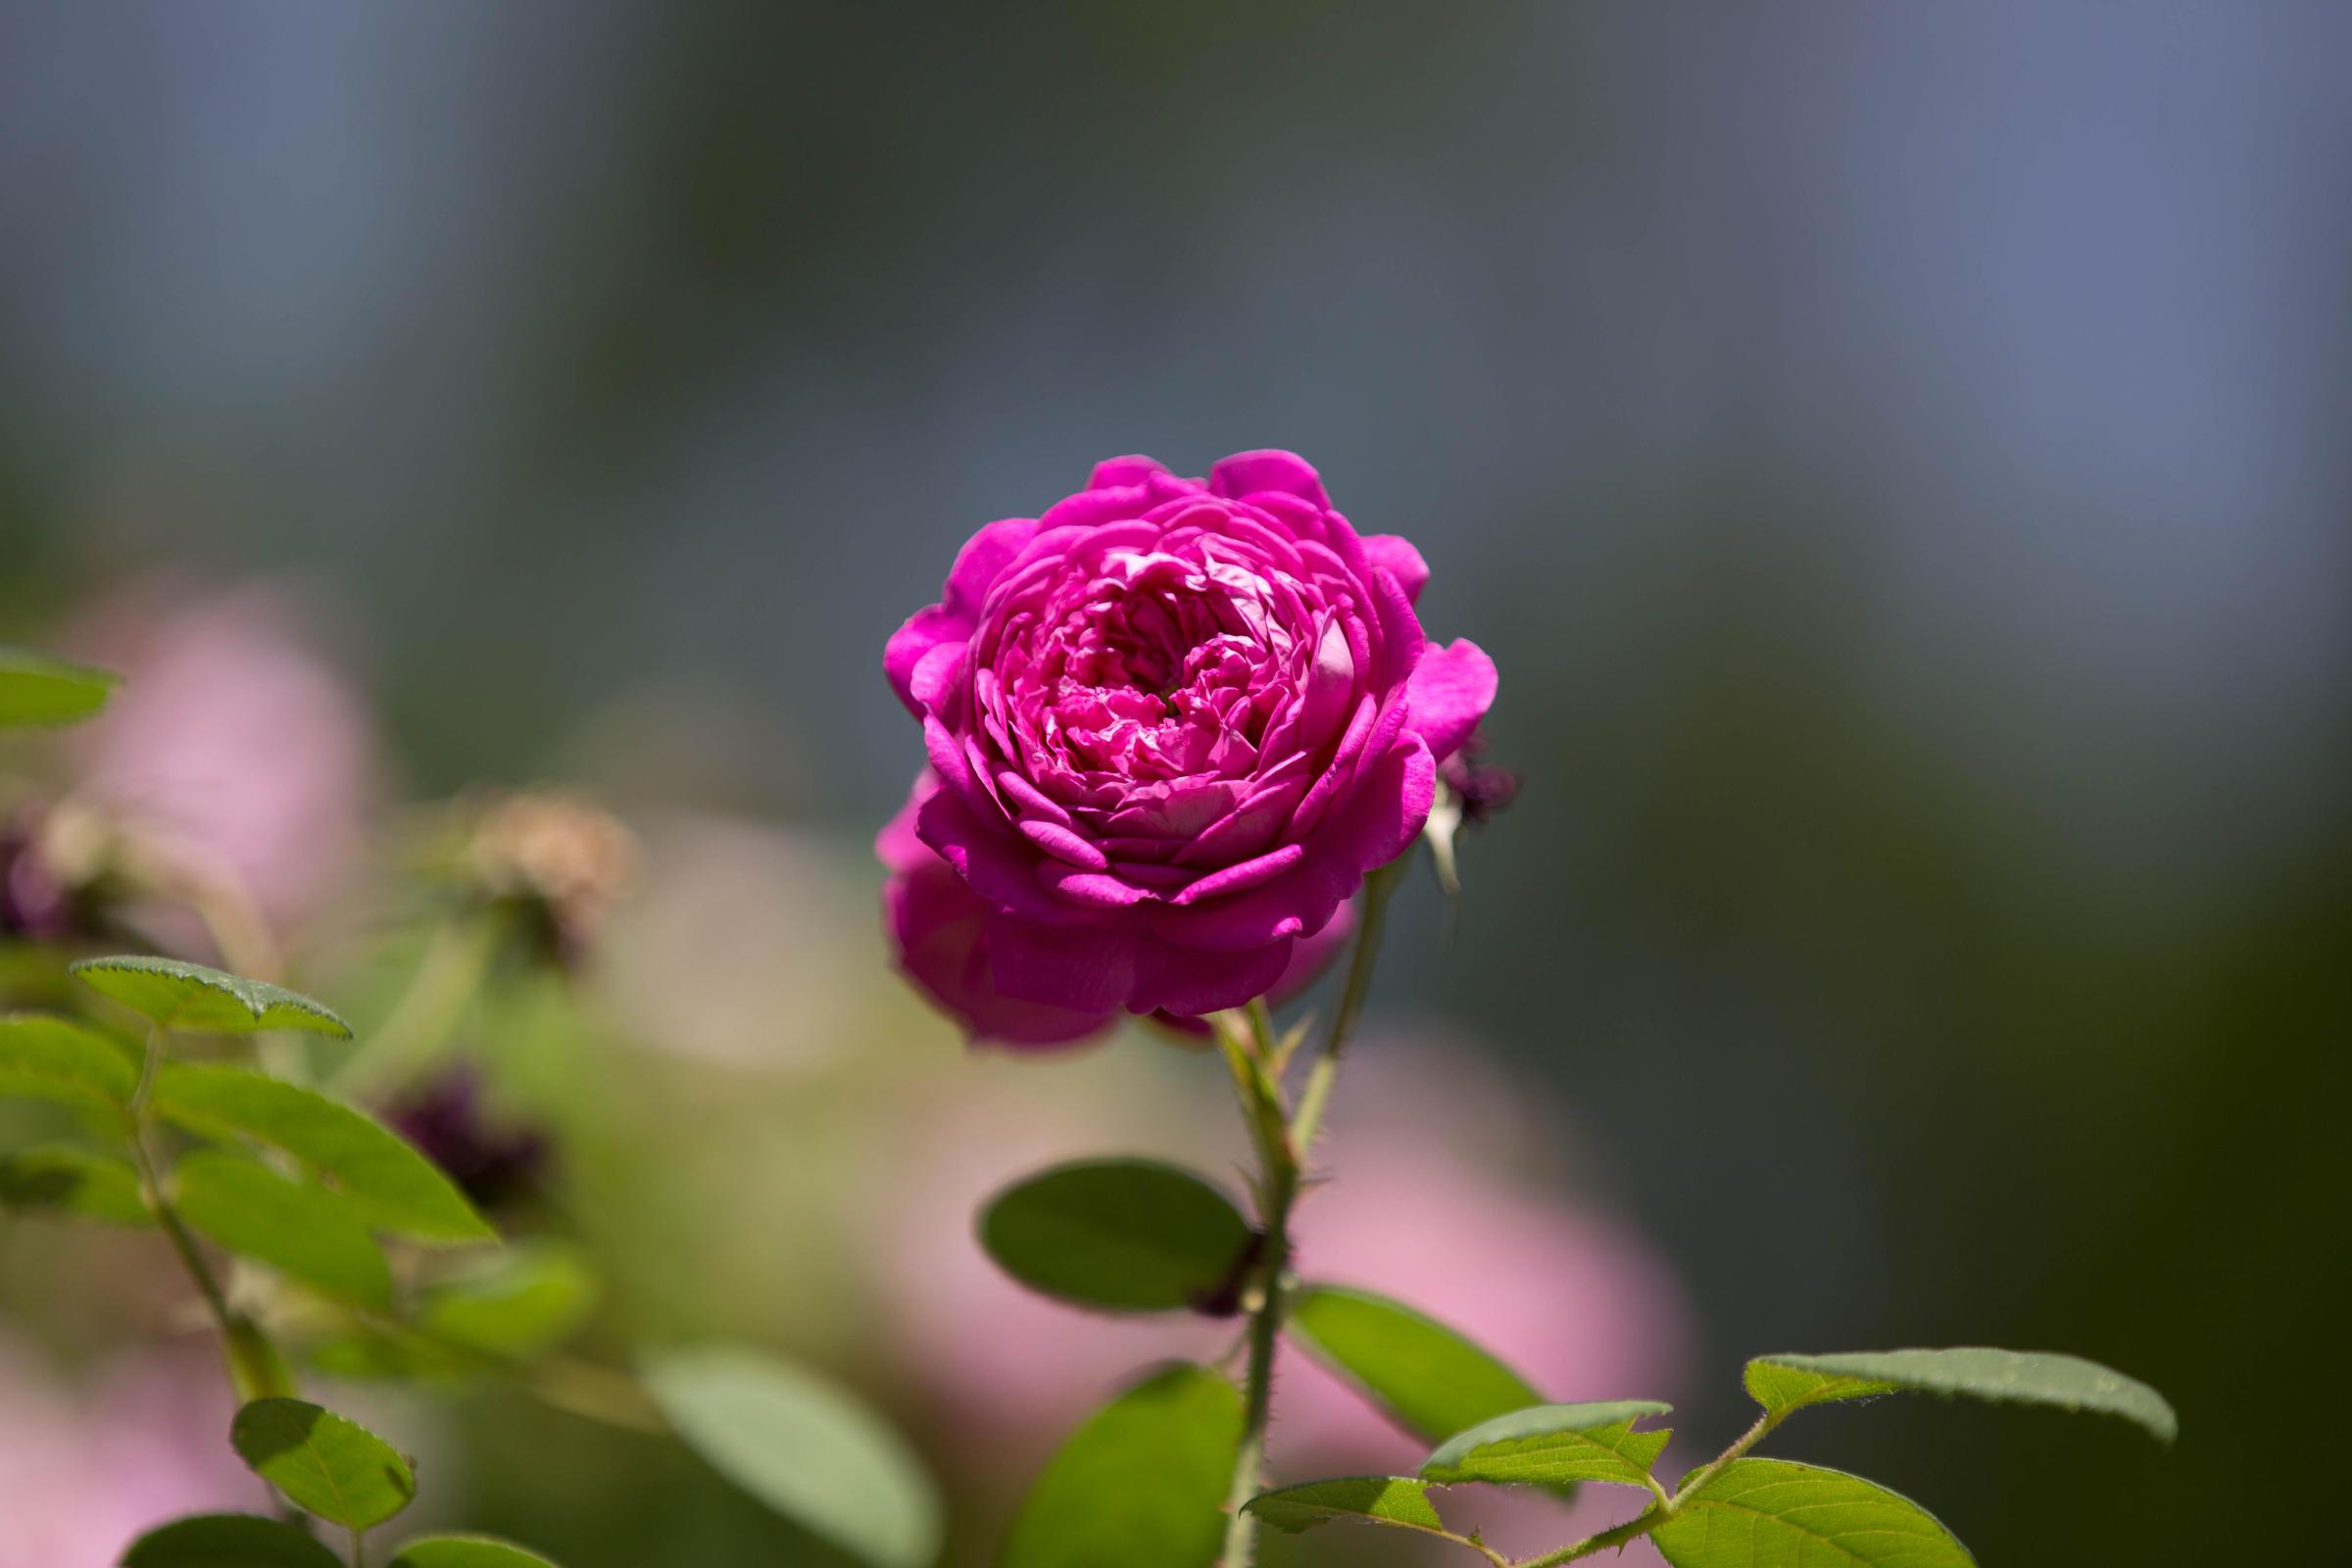 A Rose In The Heritage Rose Garden In Hartfordu0027s Elizabeth Park.